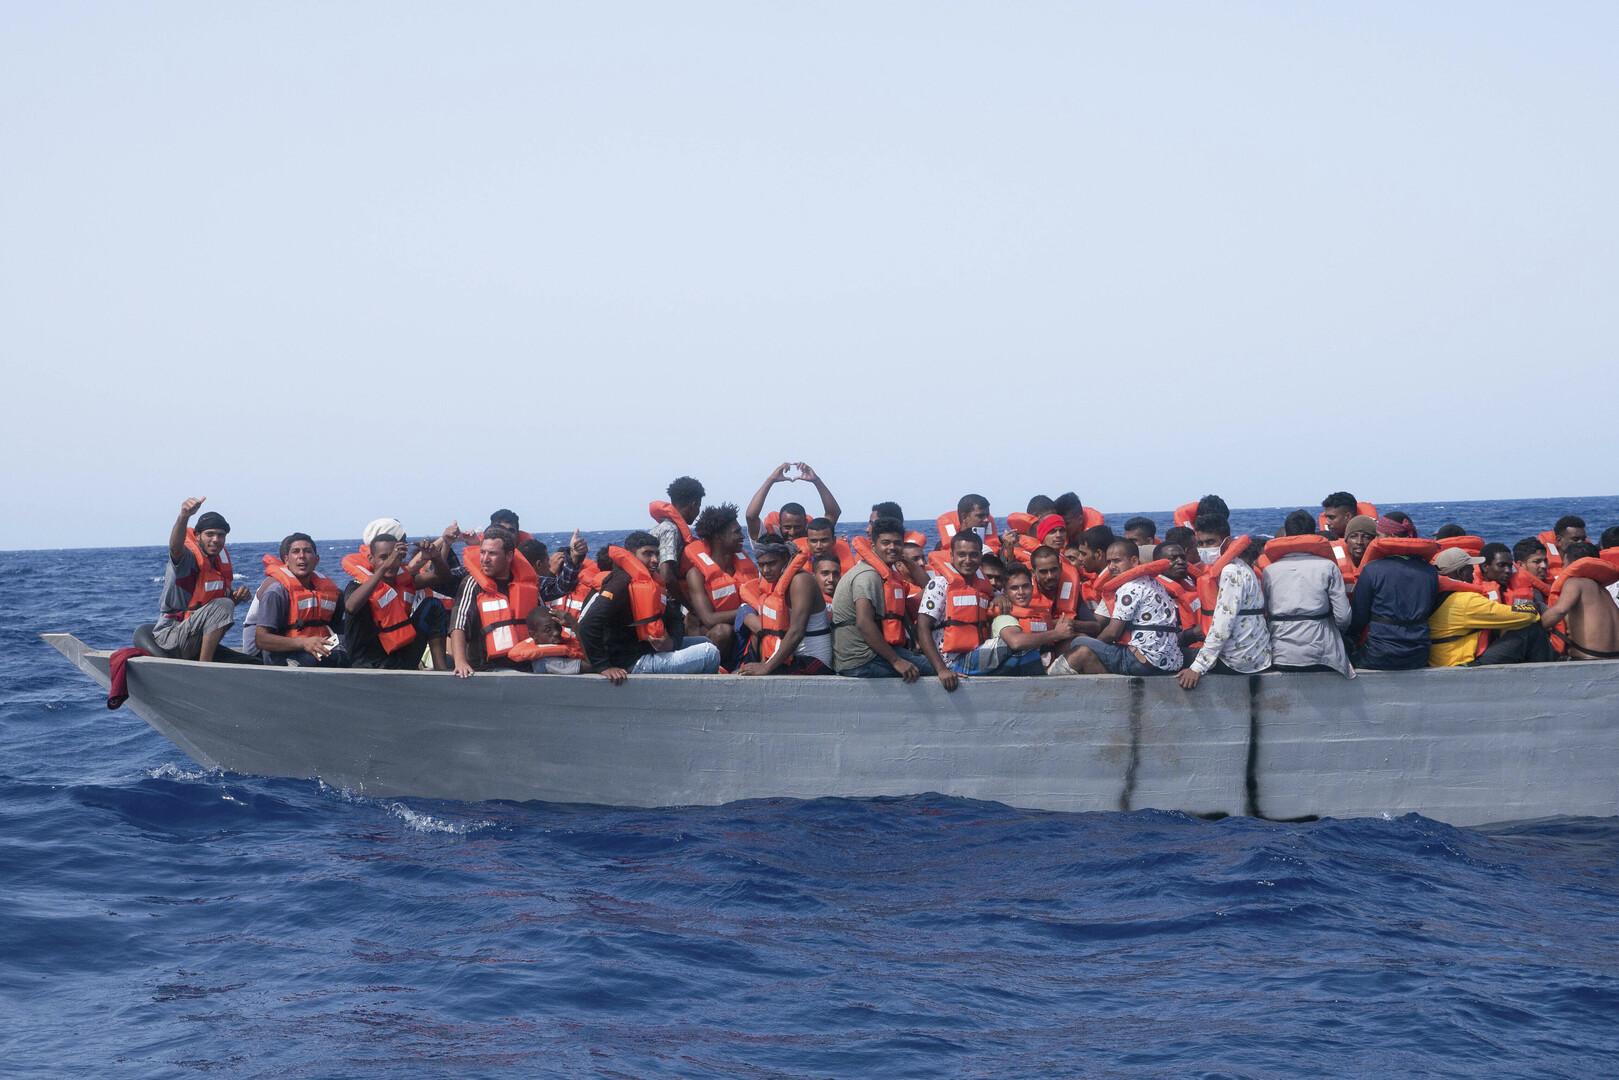 تركيا: 122 قاربا جديدا لمكافحة الهجرة غير النظامية والتهريب في البحار